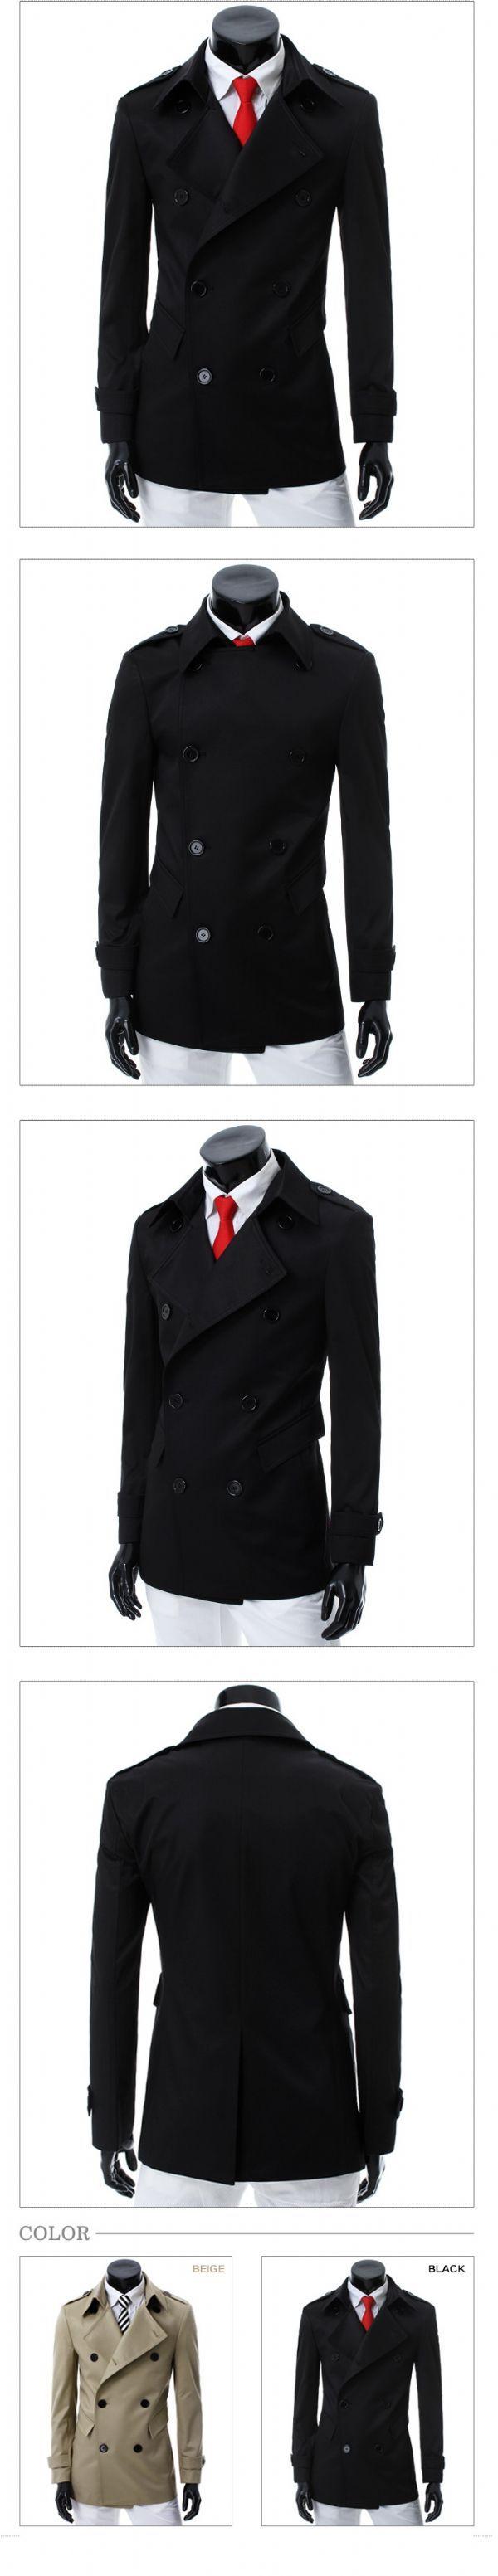 เสื้อกันหนาวผู้ชายพร้อมส่ง : โค้ท double breast/wind breaker